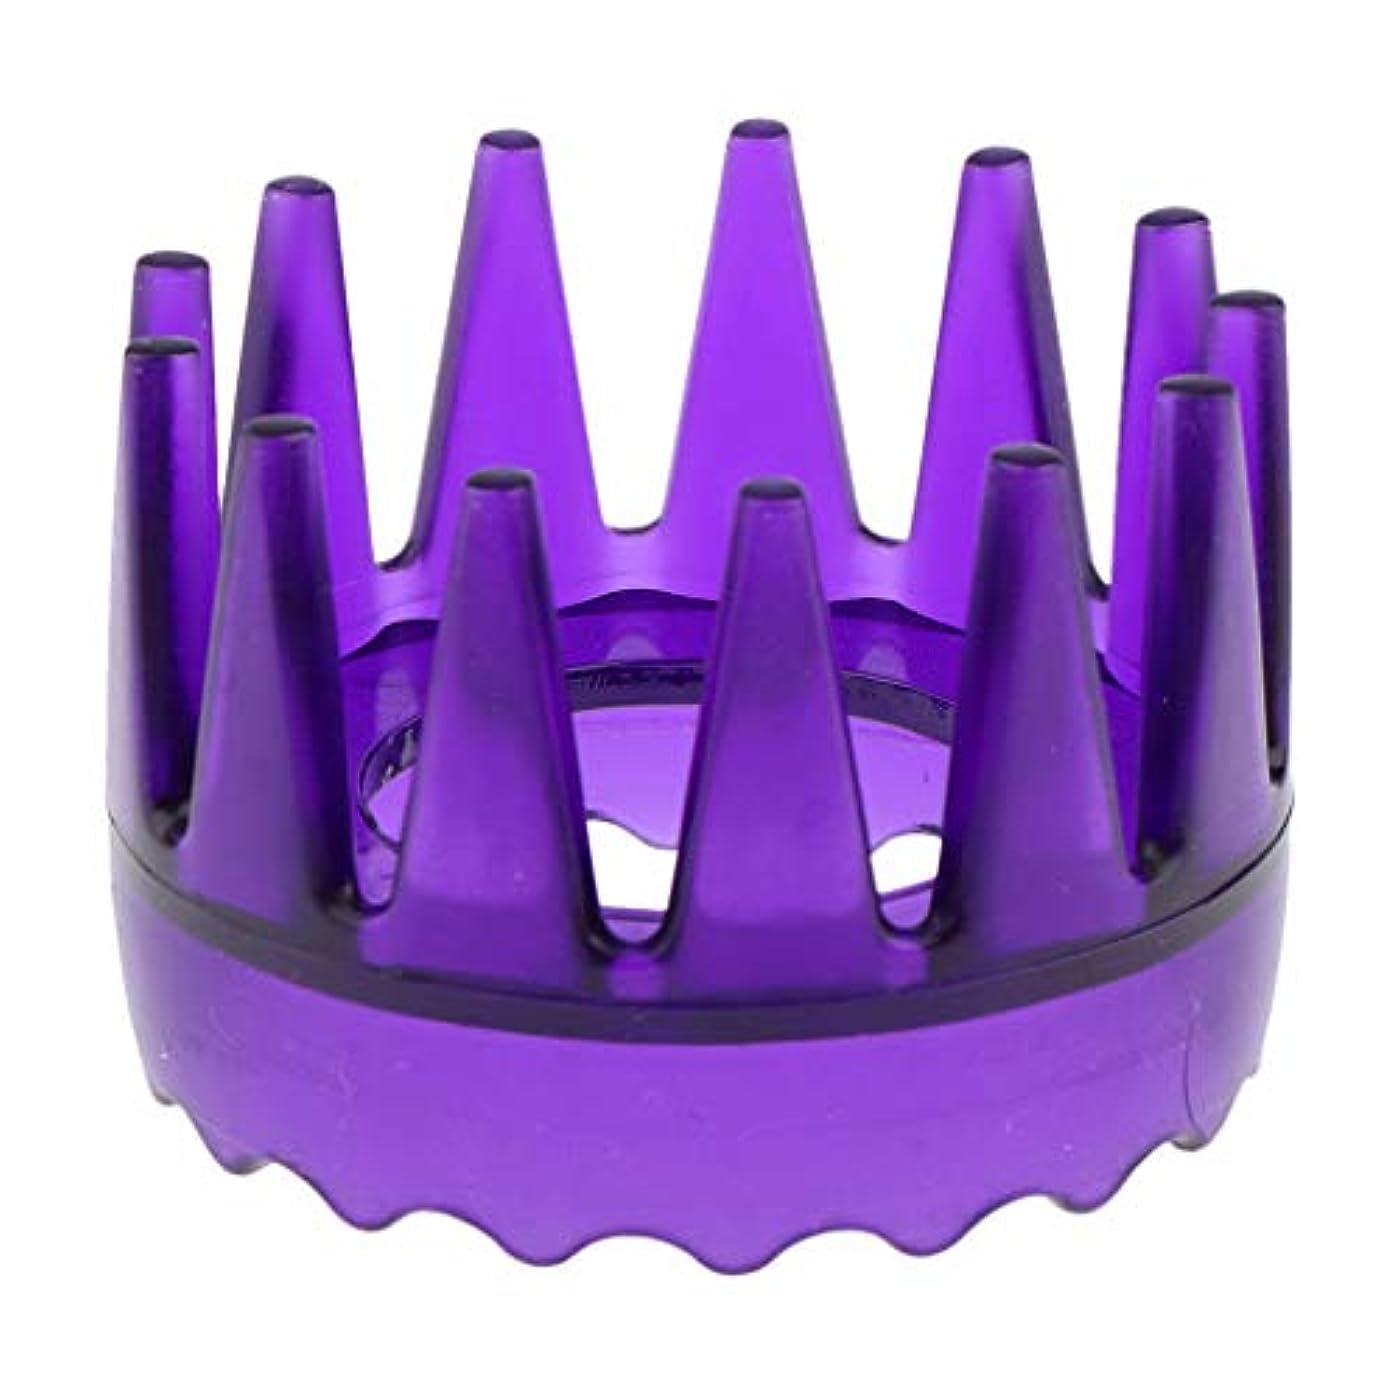 革命的うめき報奨金頭皮マッサージブラシ ヘアブラシ ヘアコーム ヘアケア シャワー 洗髪櫛 滑り止め 全4色 - 紫